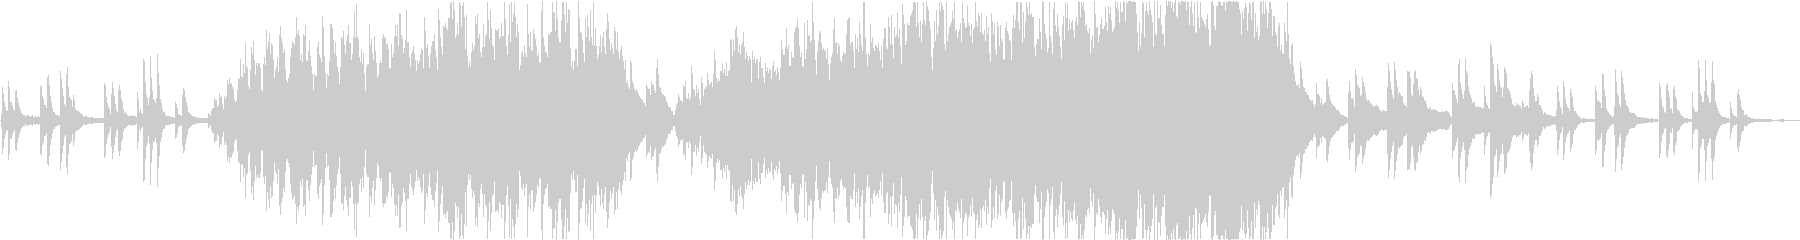 しっとり幻想的なエレキ・アコギメロディの未再生の波形